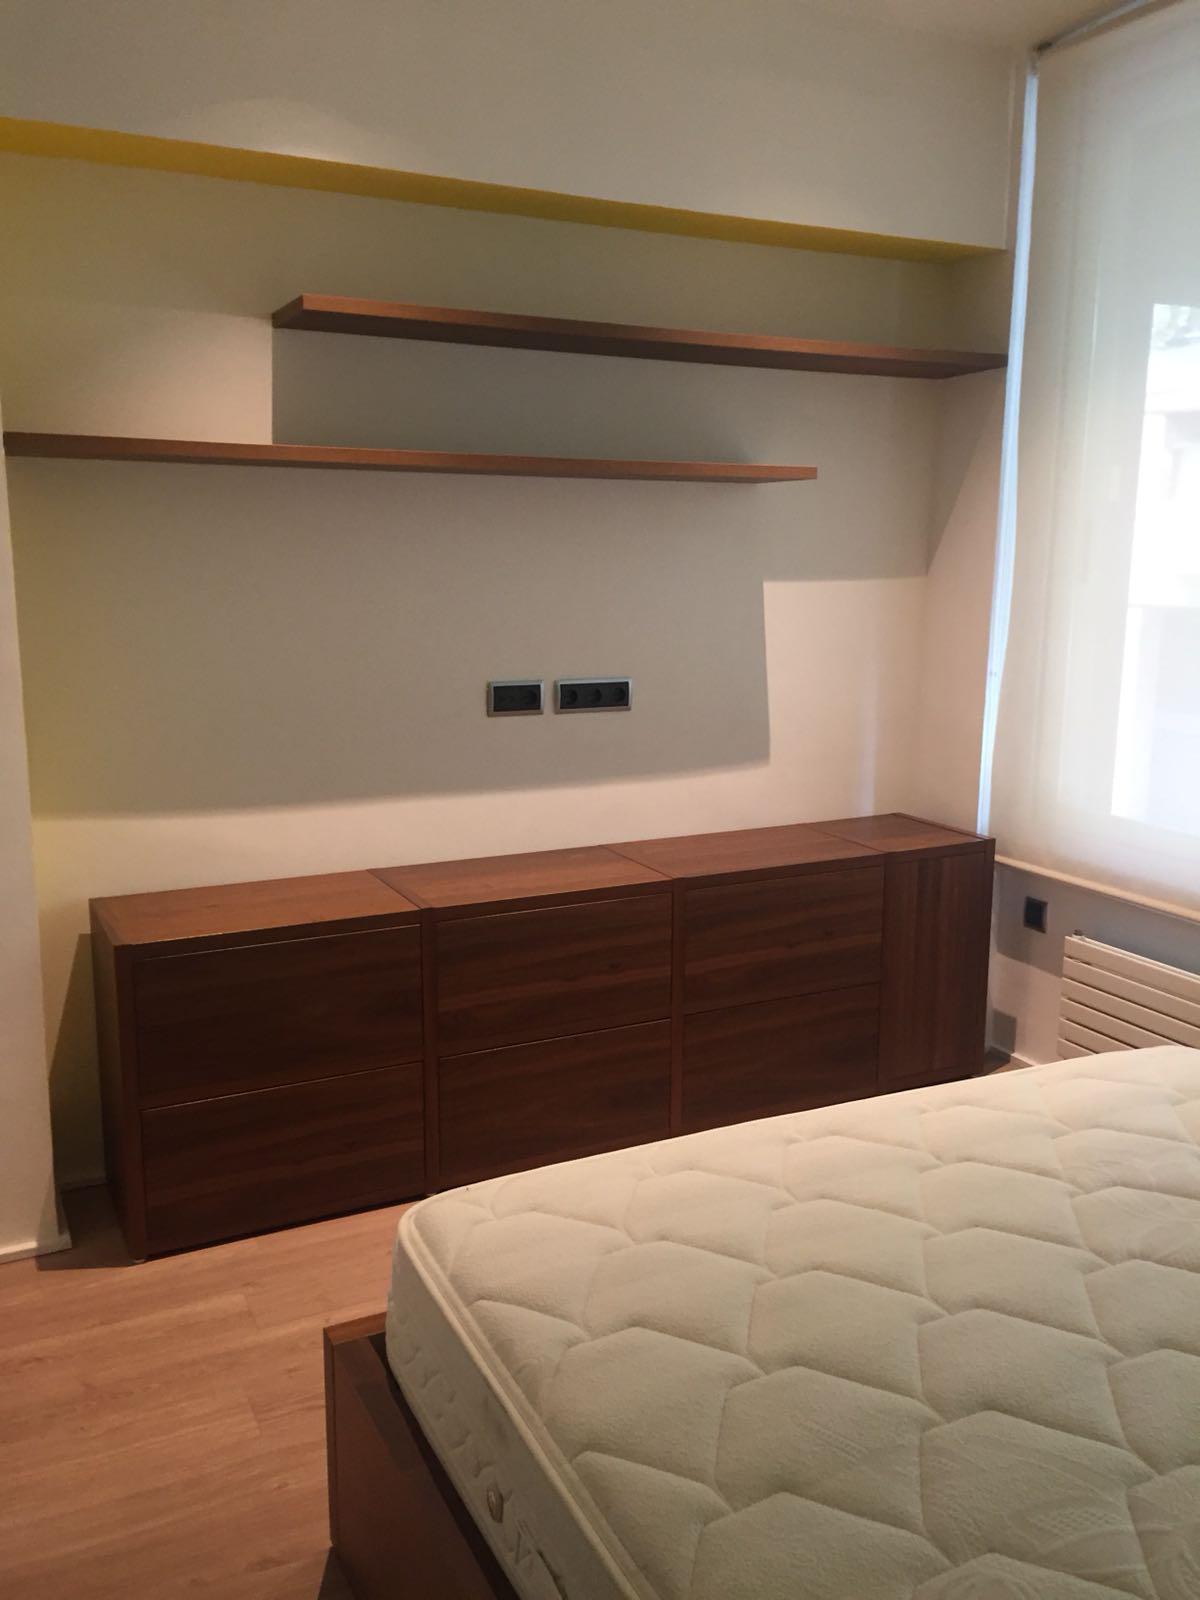 206249 Apartamento en venta en Eixample, Nova Esquerra Eixample 18